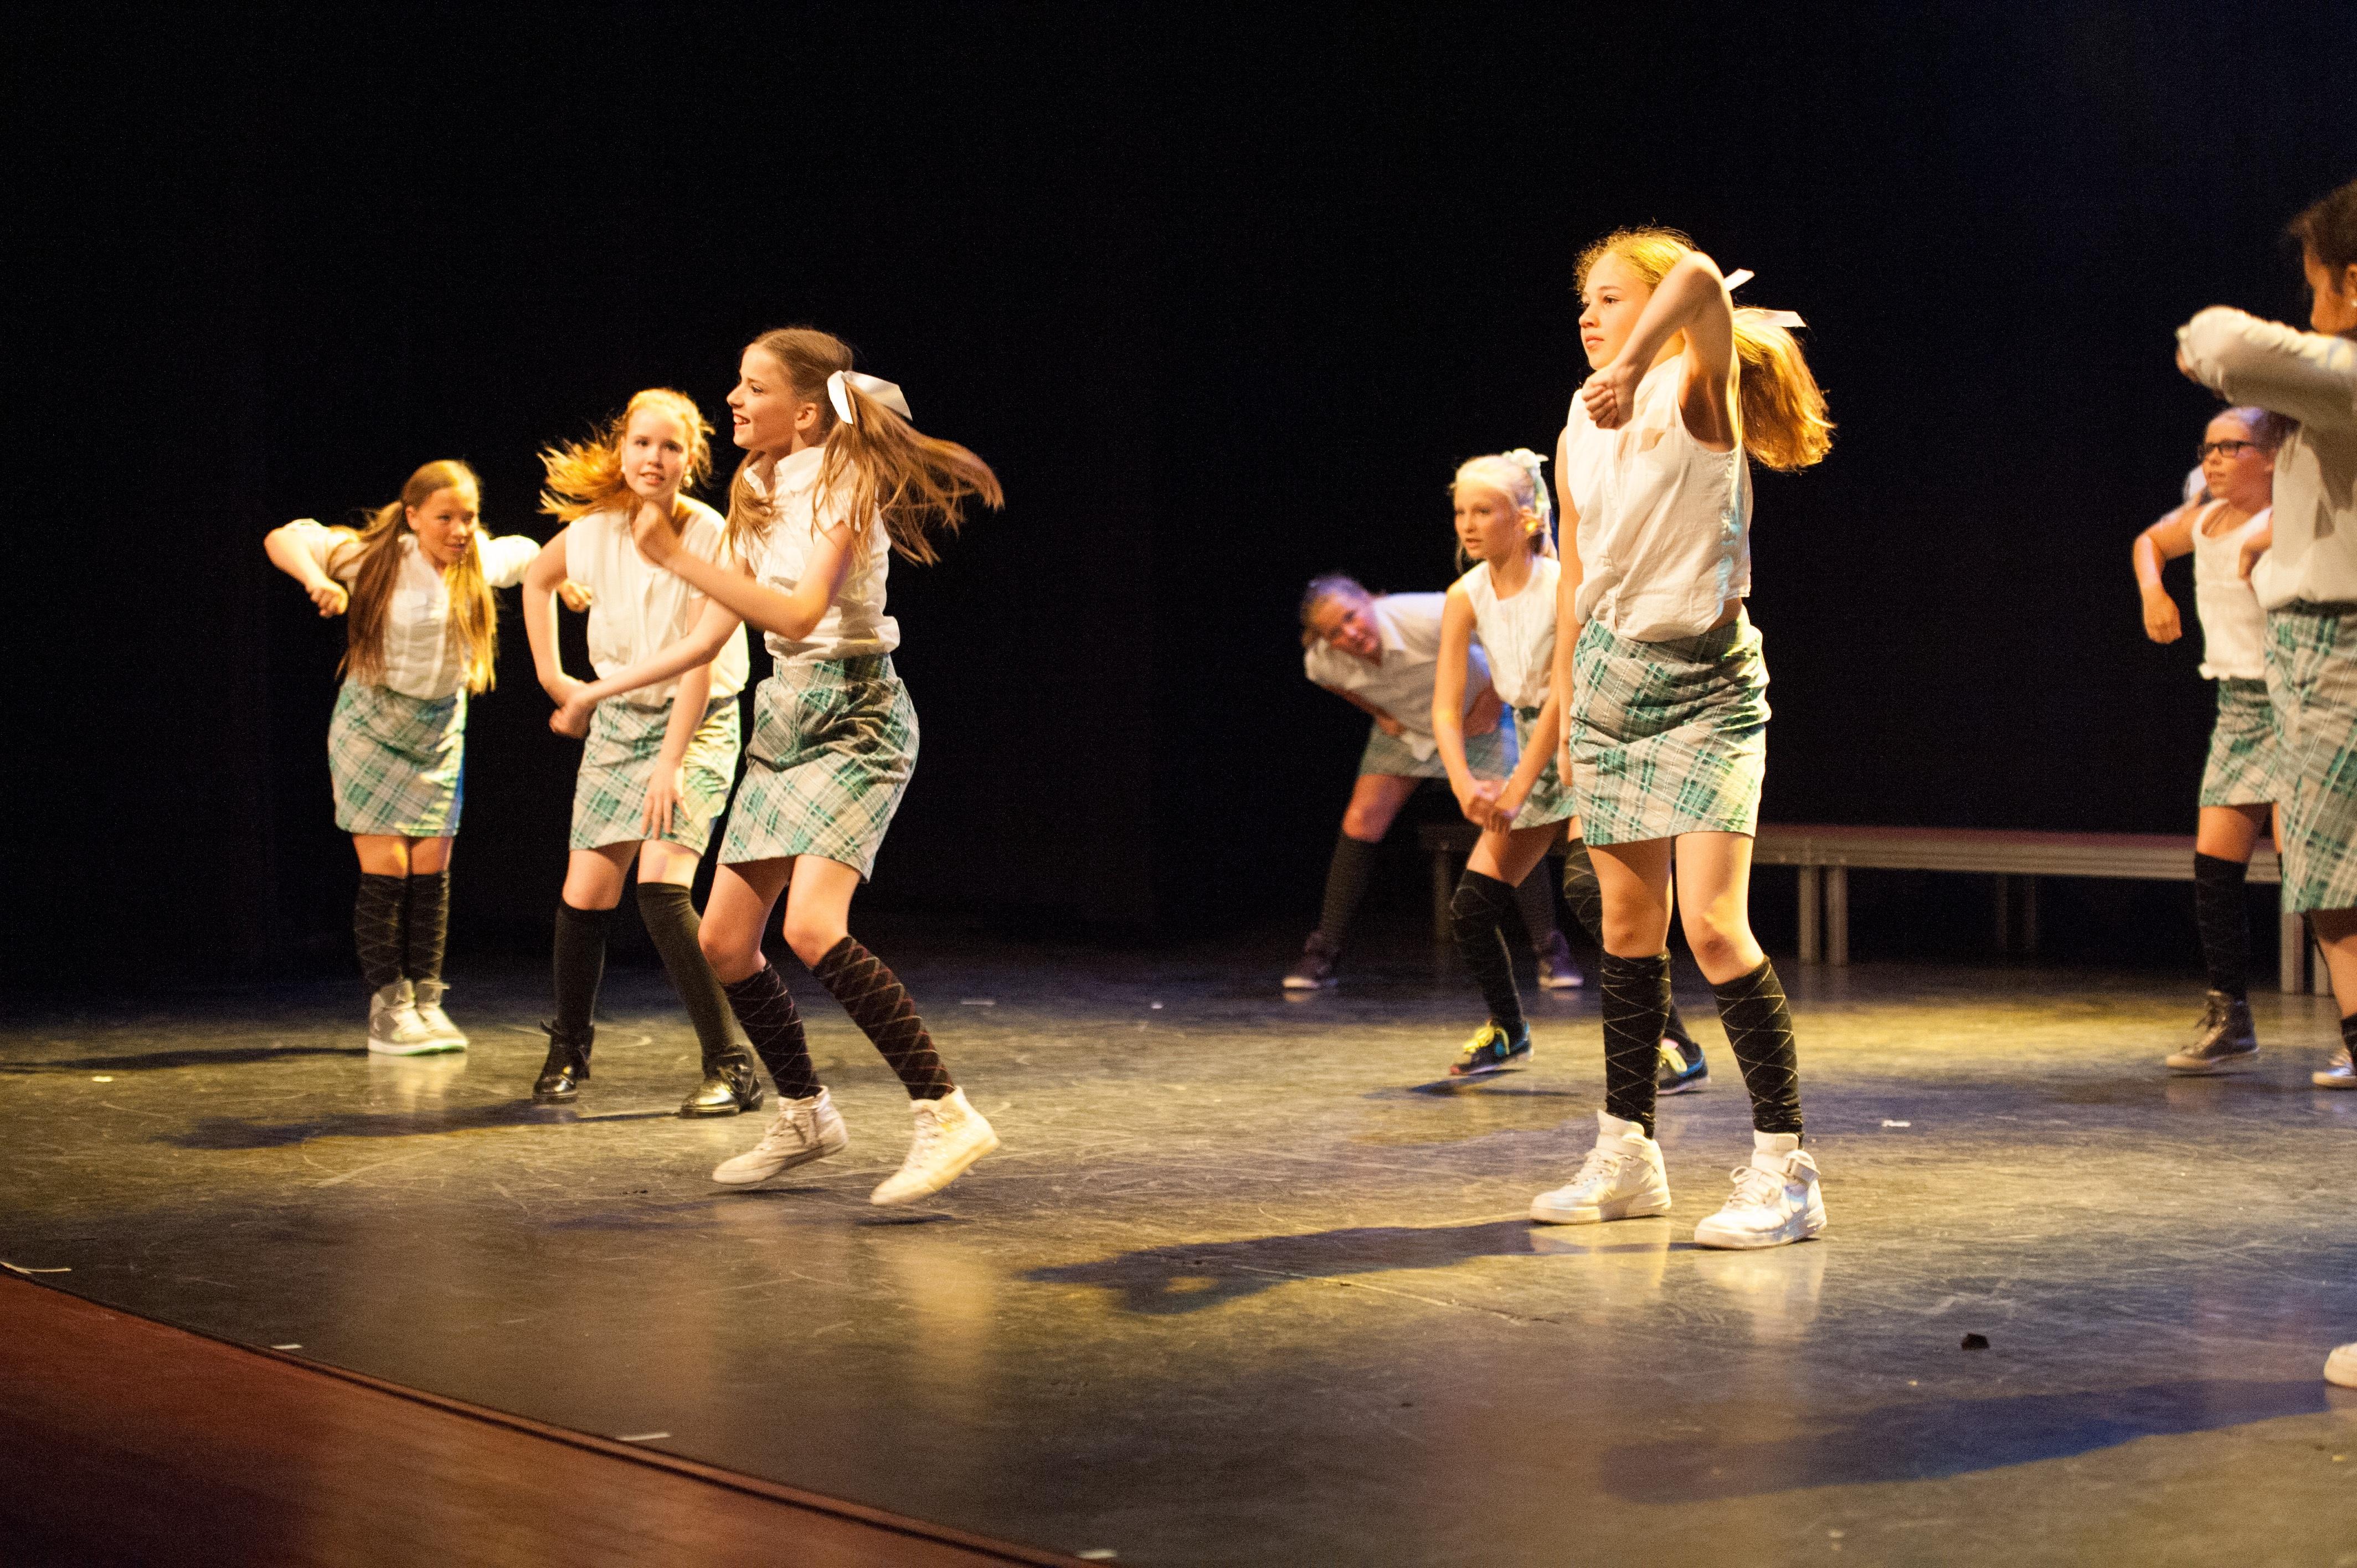 Zajęcia taneczne dla dzieci, mlodziezy idoroslych. Cennik zajec wAkademia Tanca Pani Szafki Marki